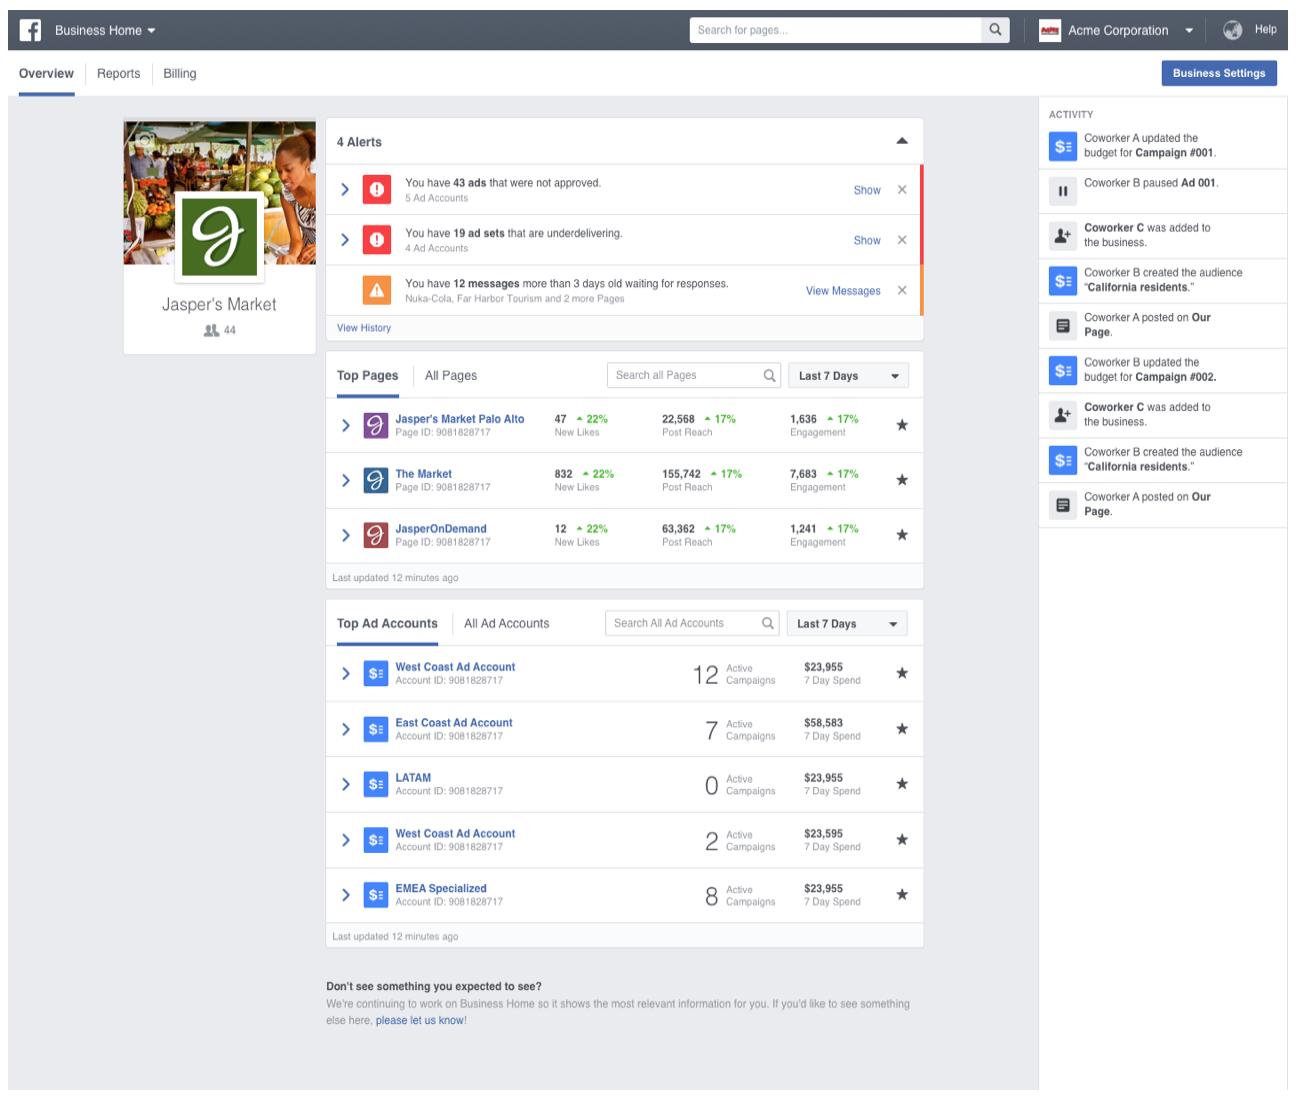 Administrador-comercial-de-facebook-tablero-principal